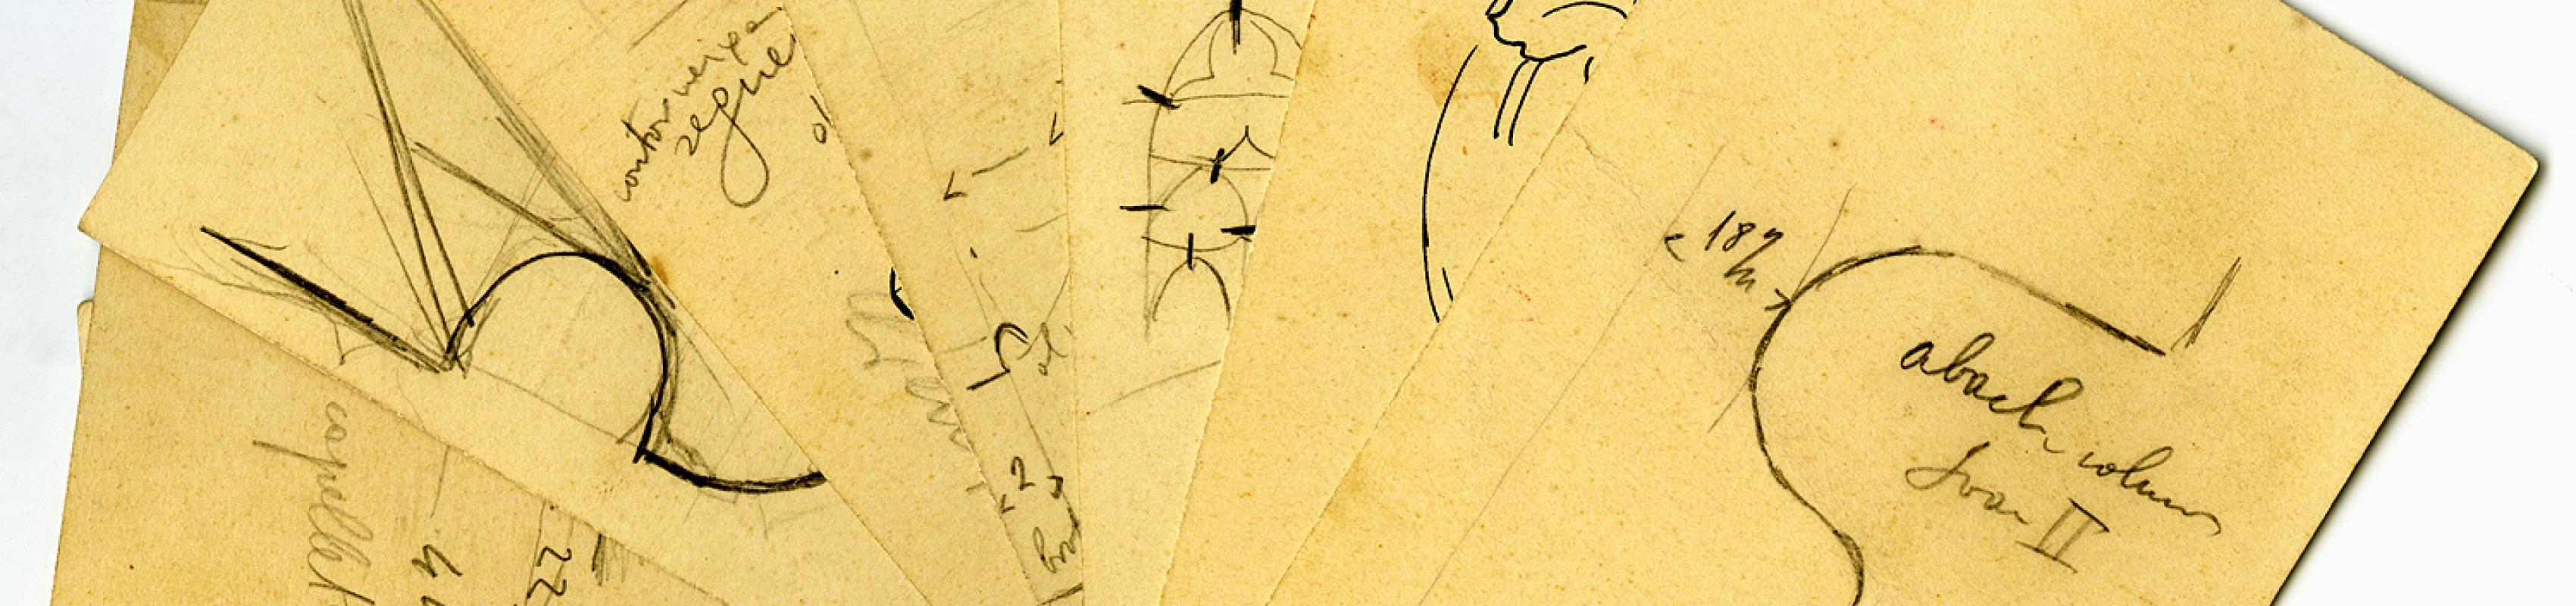 Estudis i mesures de les tombes reials realitzades per Rubió i Bellver. COAC. Fons Rubió i Bellver C/1849/2.2